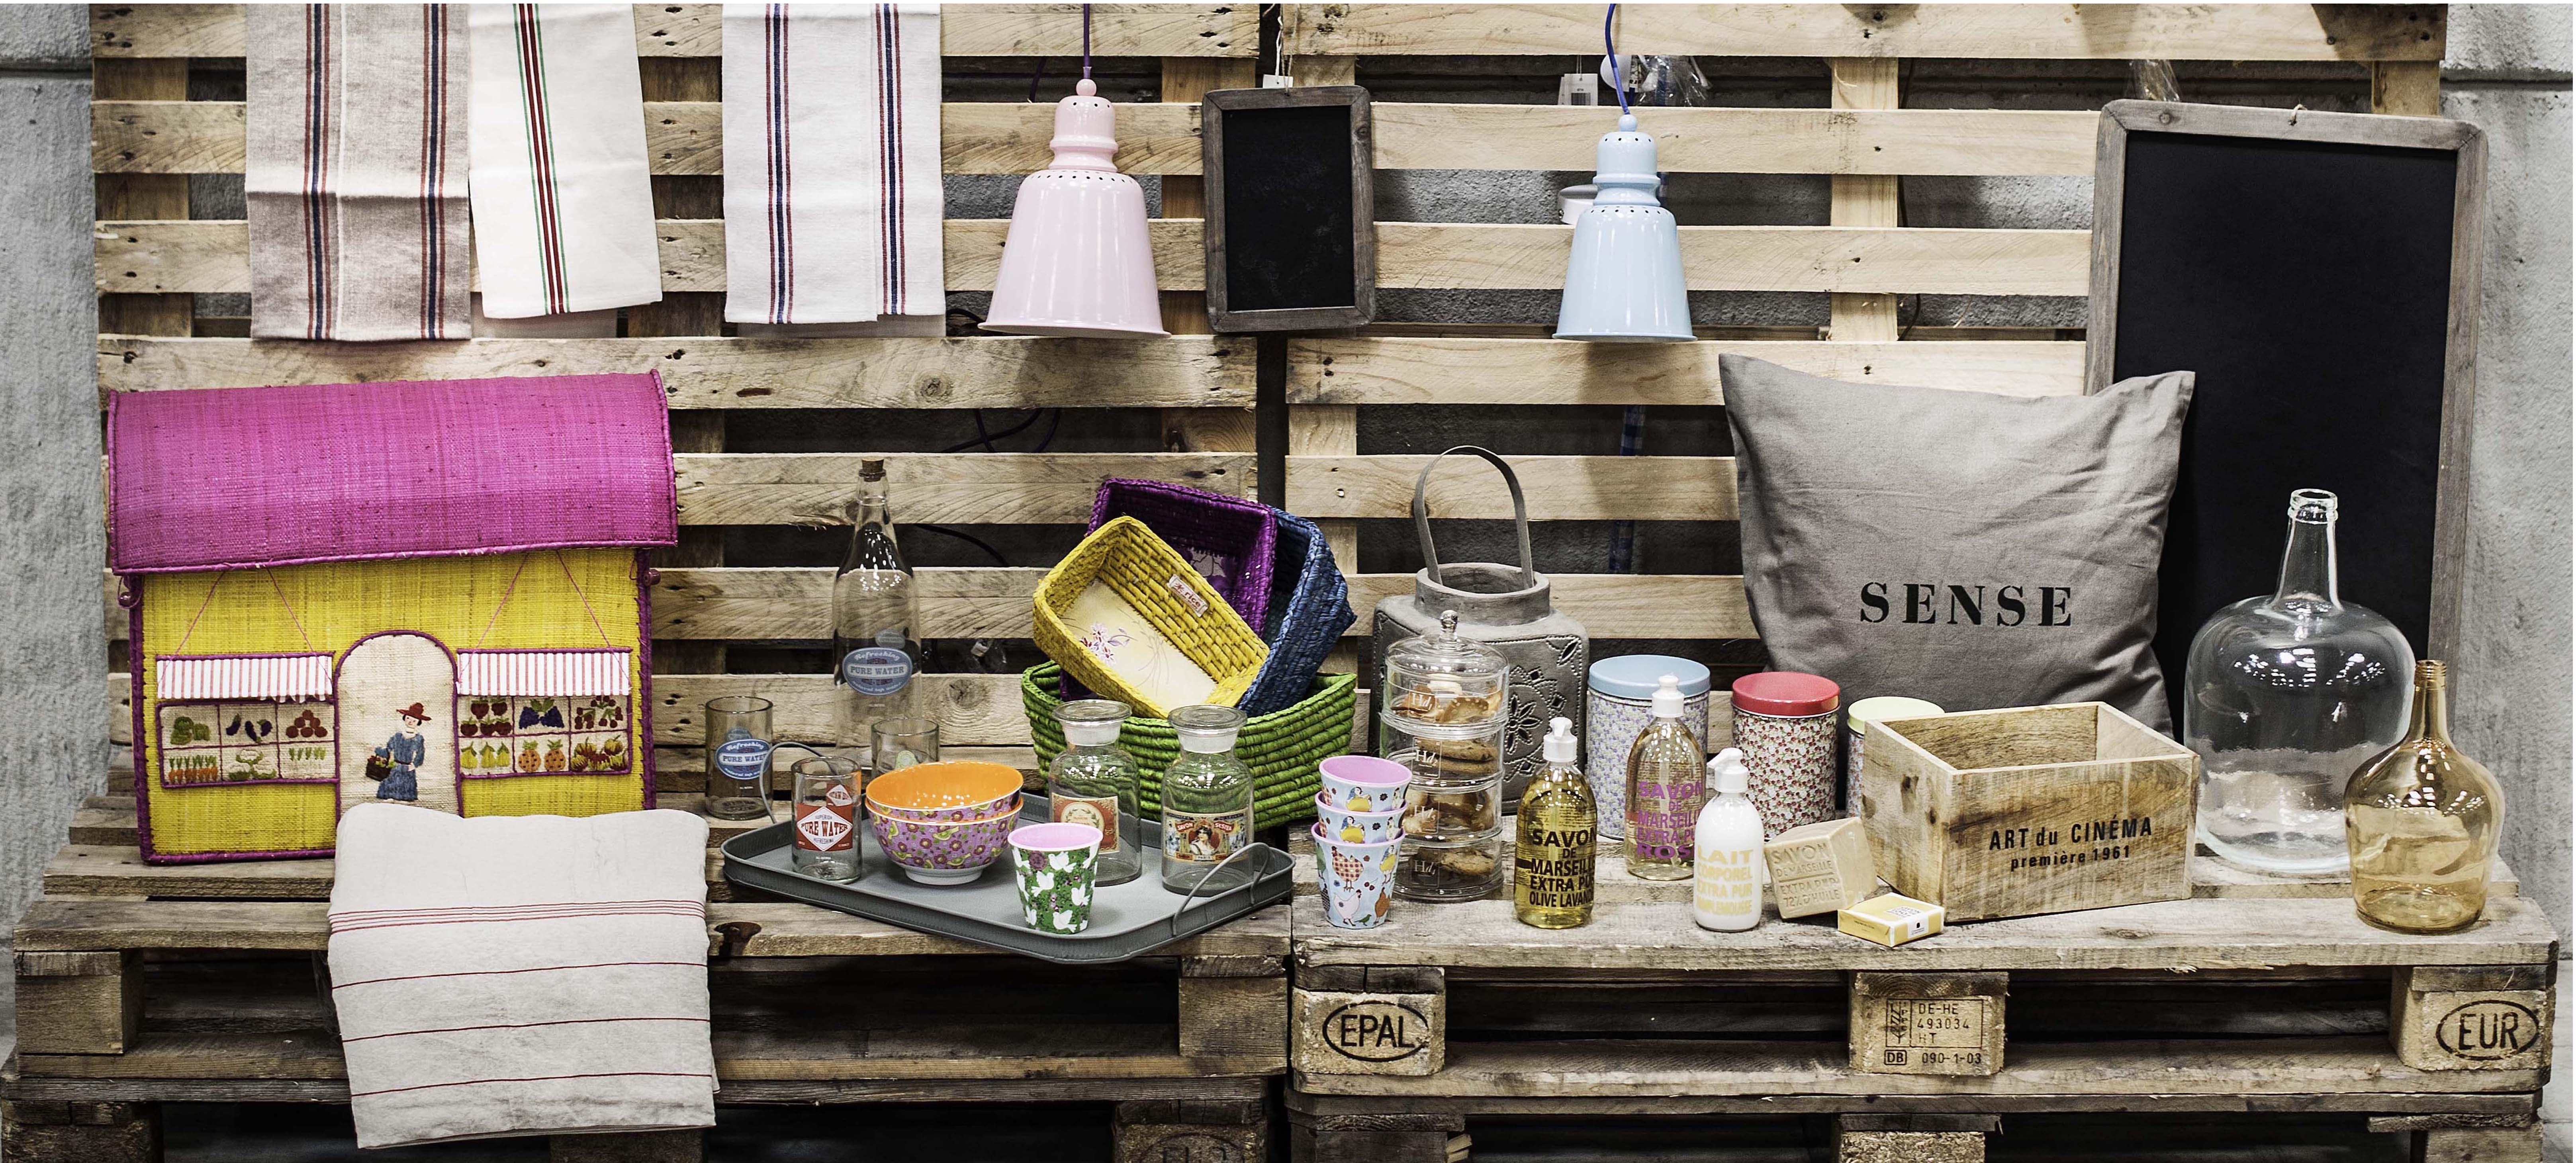 Pon linda tu casa mayo 2013 - Tienda decoracion casa online ...